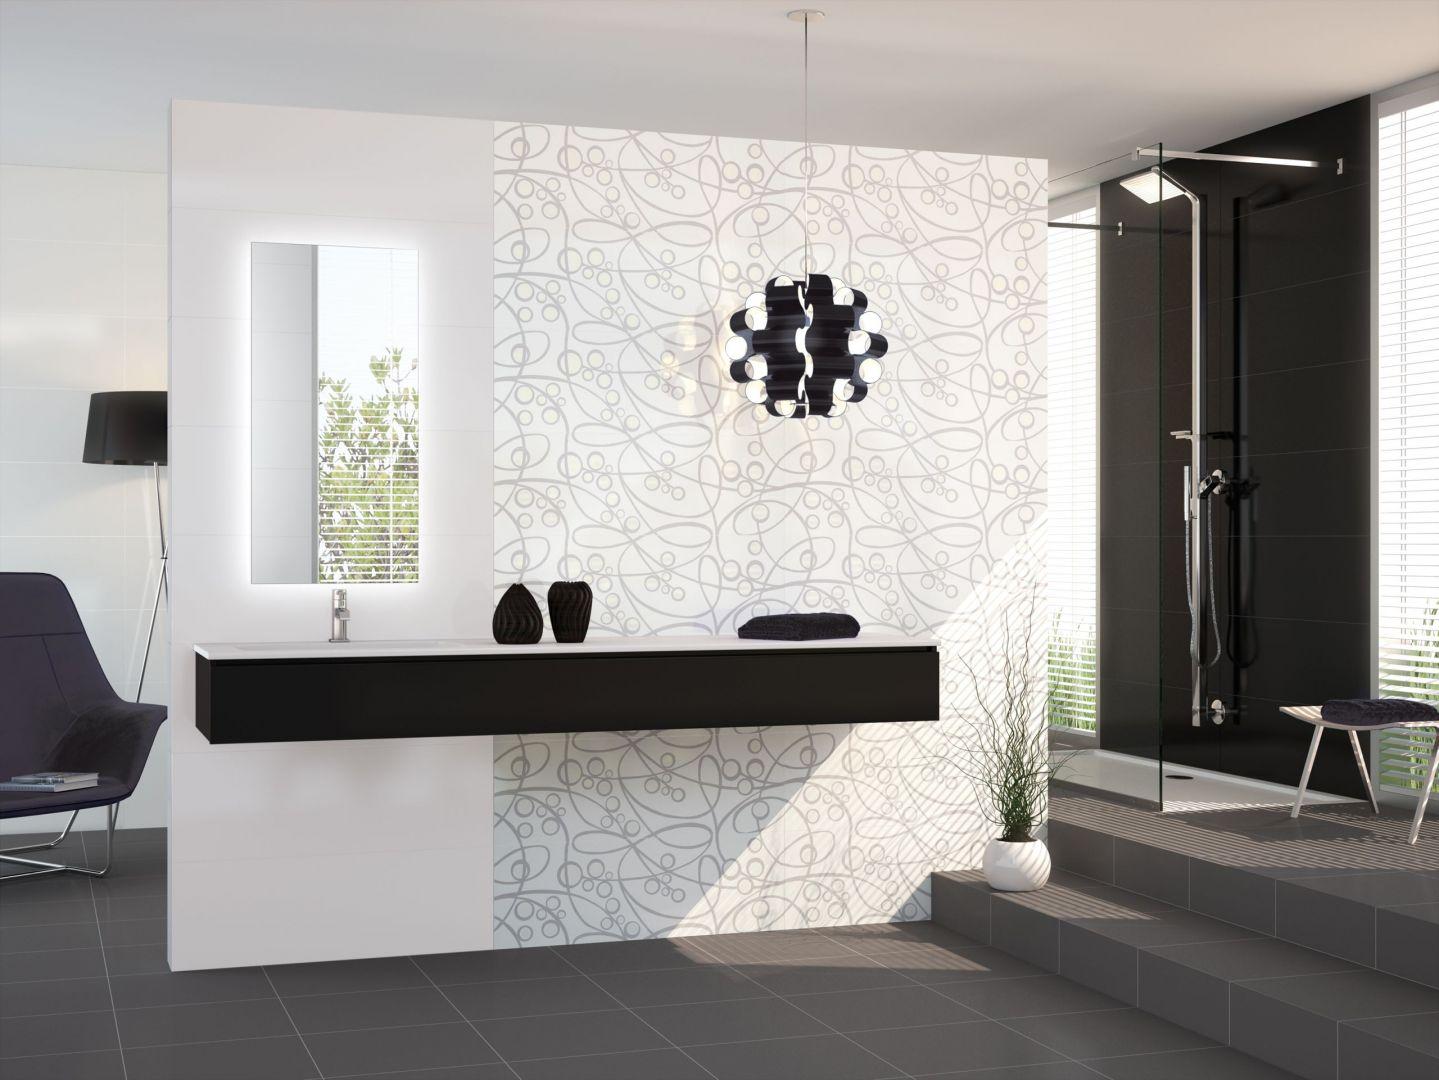 W skład kolekcji Unik hiszpańskiej marki  Azteca  wchodzą białe, czarne oraz szare płytki bazowe, a także dekory z fantazyjnym czarnym wzorem na białym tle. Fot. Azteca